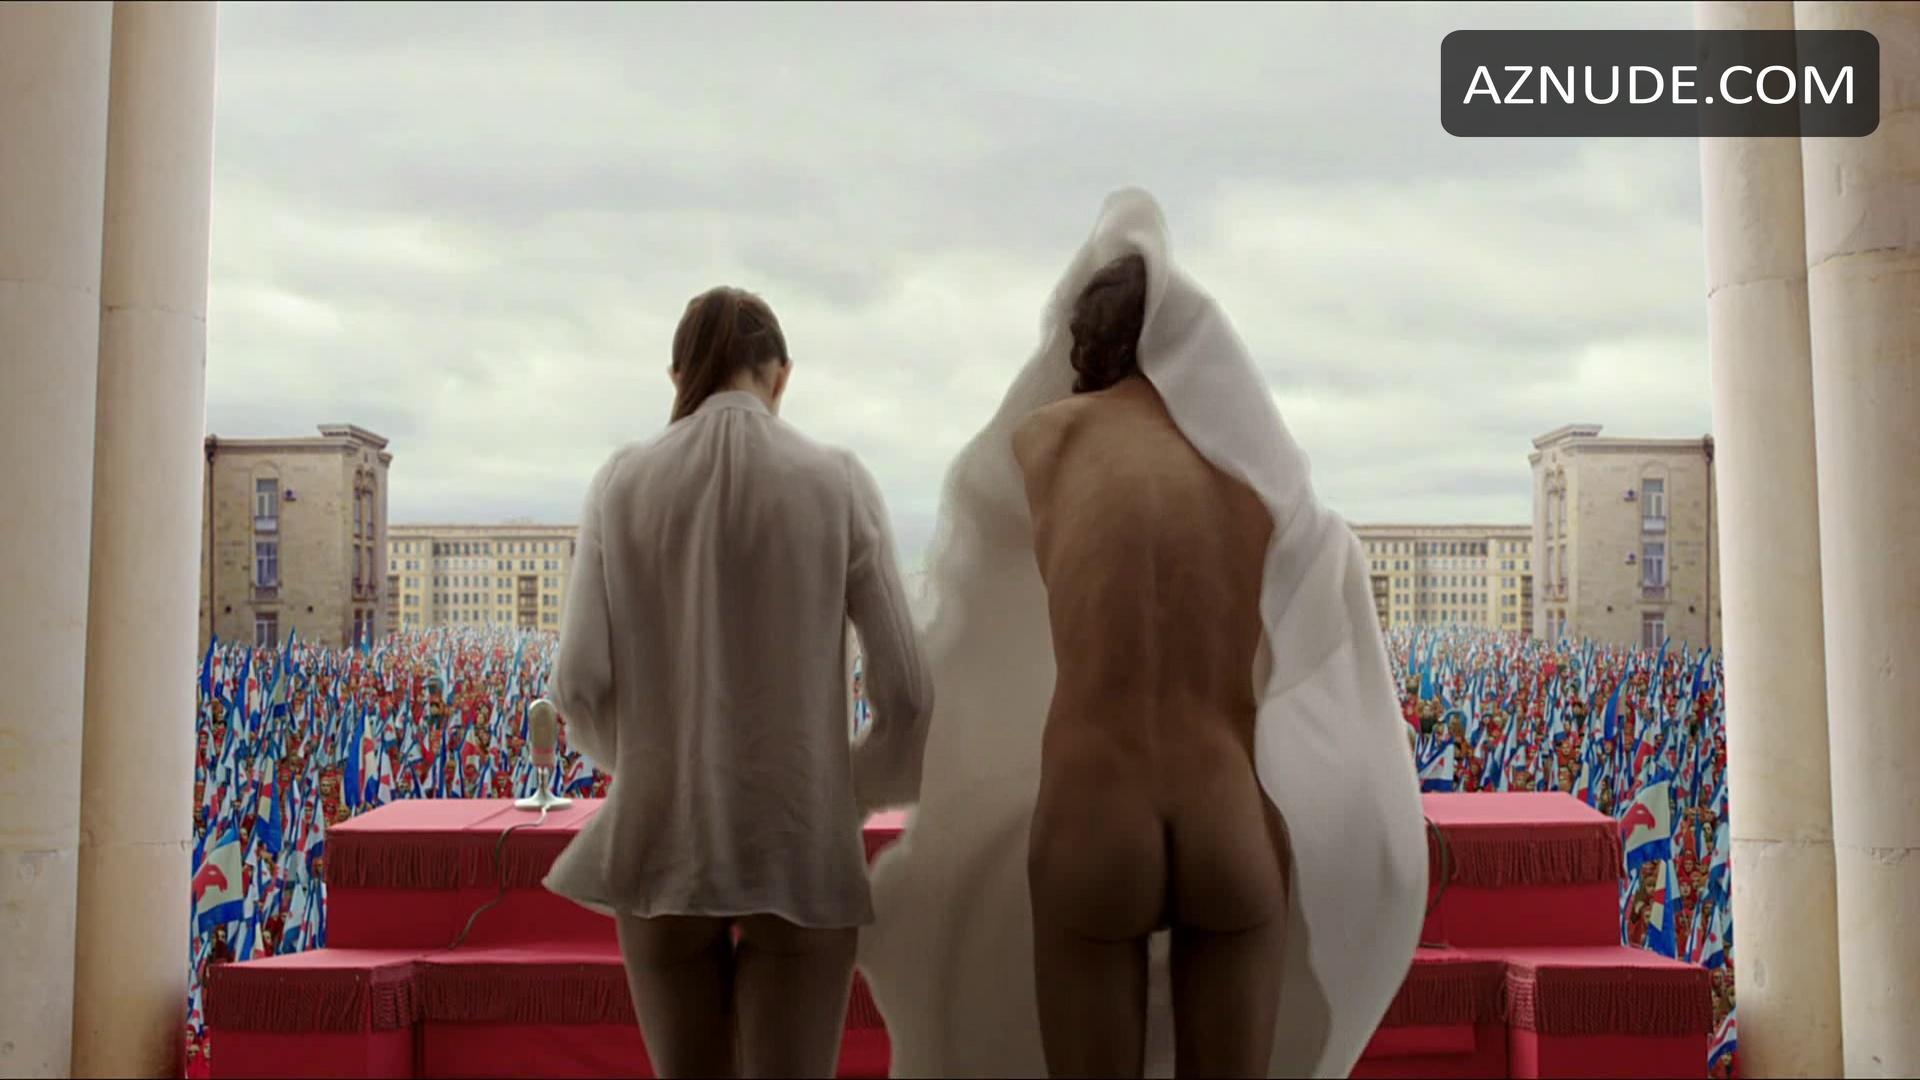 VINCENT LACOSTE Nude - AZNude Men